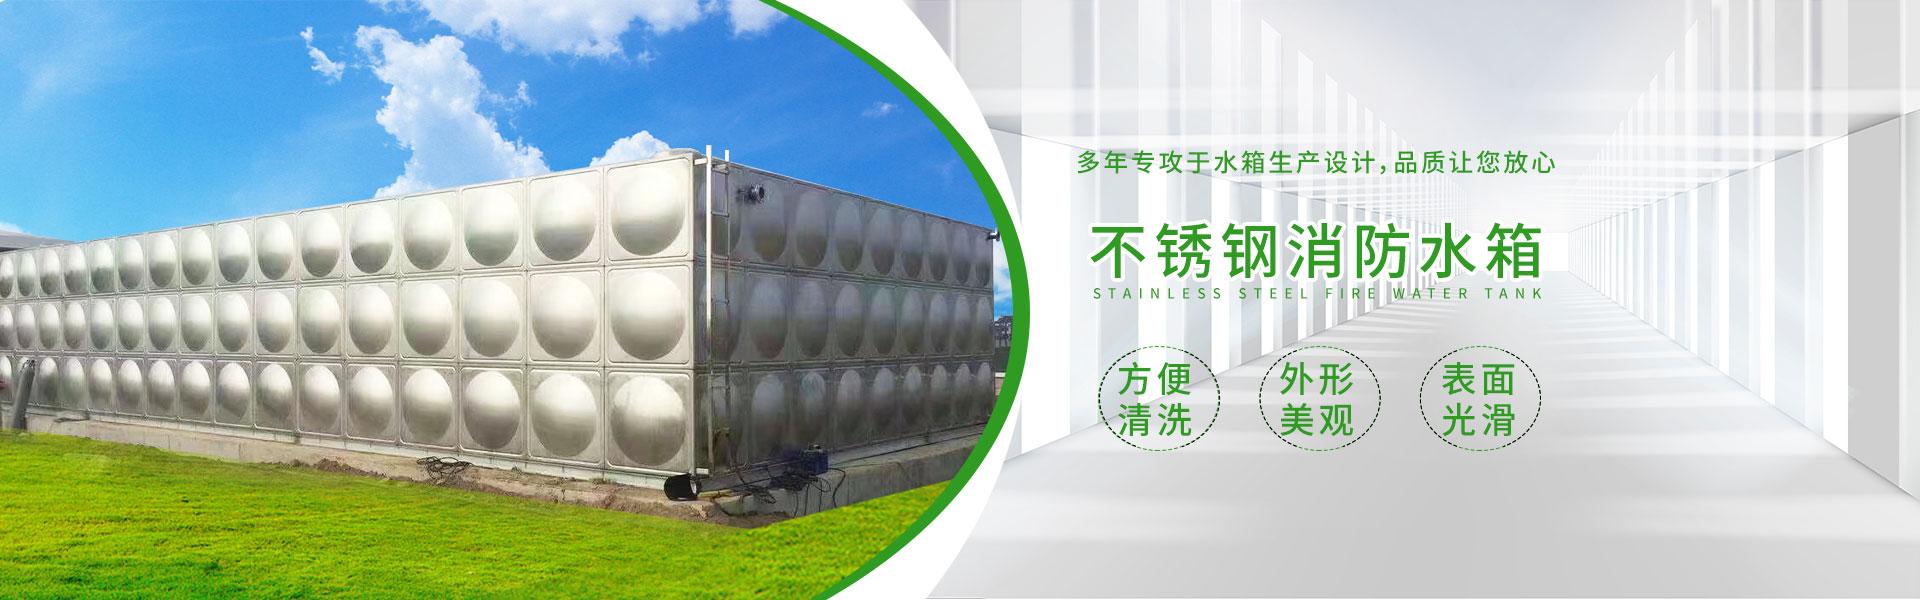 泰州飞源给排水设备有限公司